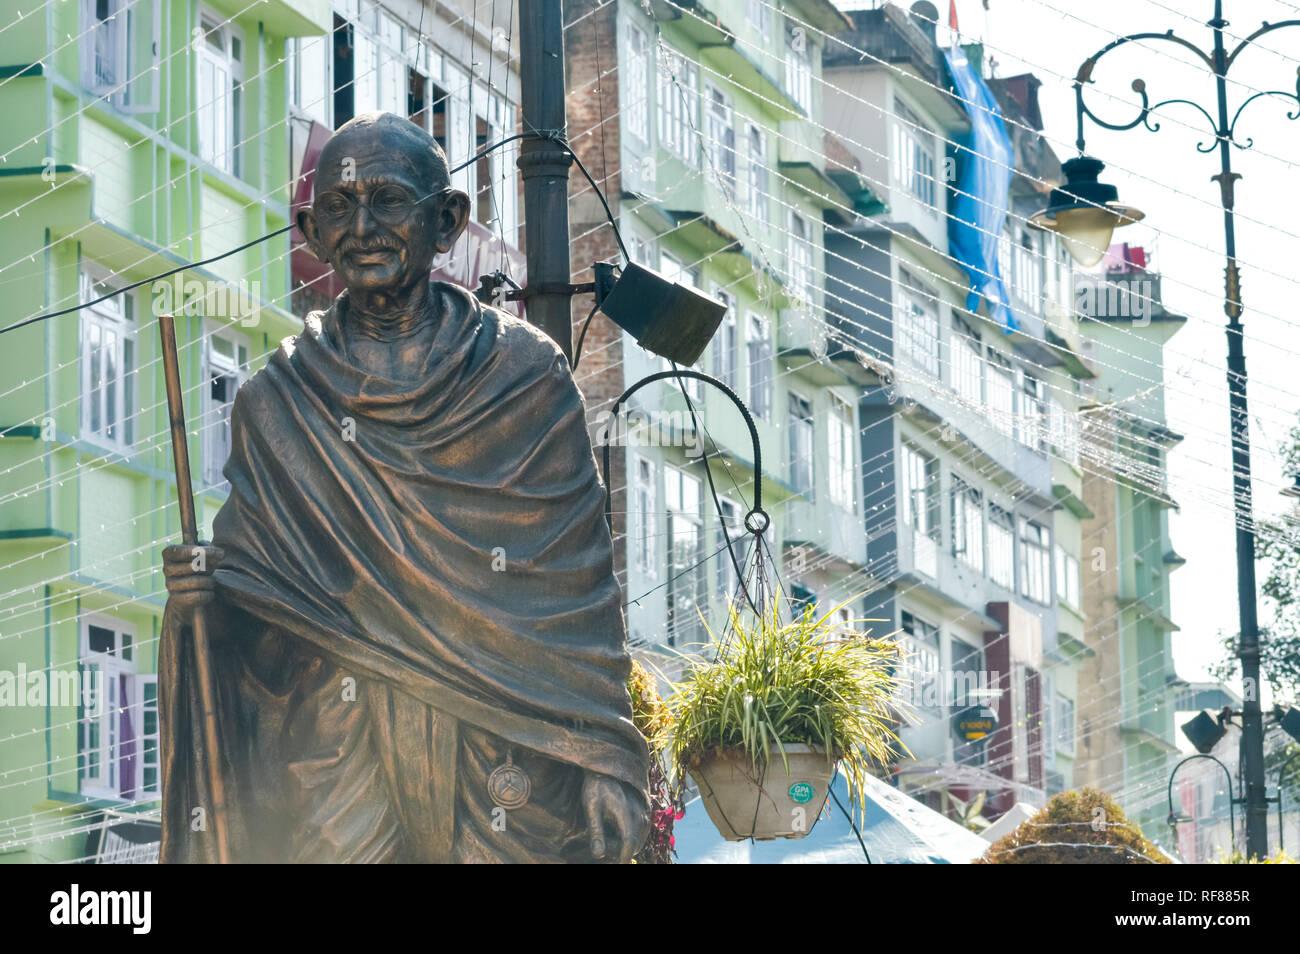 La statua del Mahatma Gandhi in MG Marg vicino a Mall road, Gangtok, Sikkim, India uno dei più visitati in città per le attrazioni turistiche. Immagini Stock